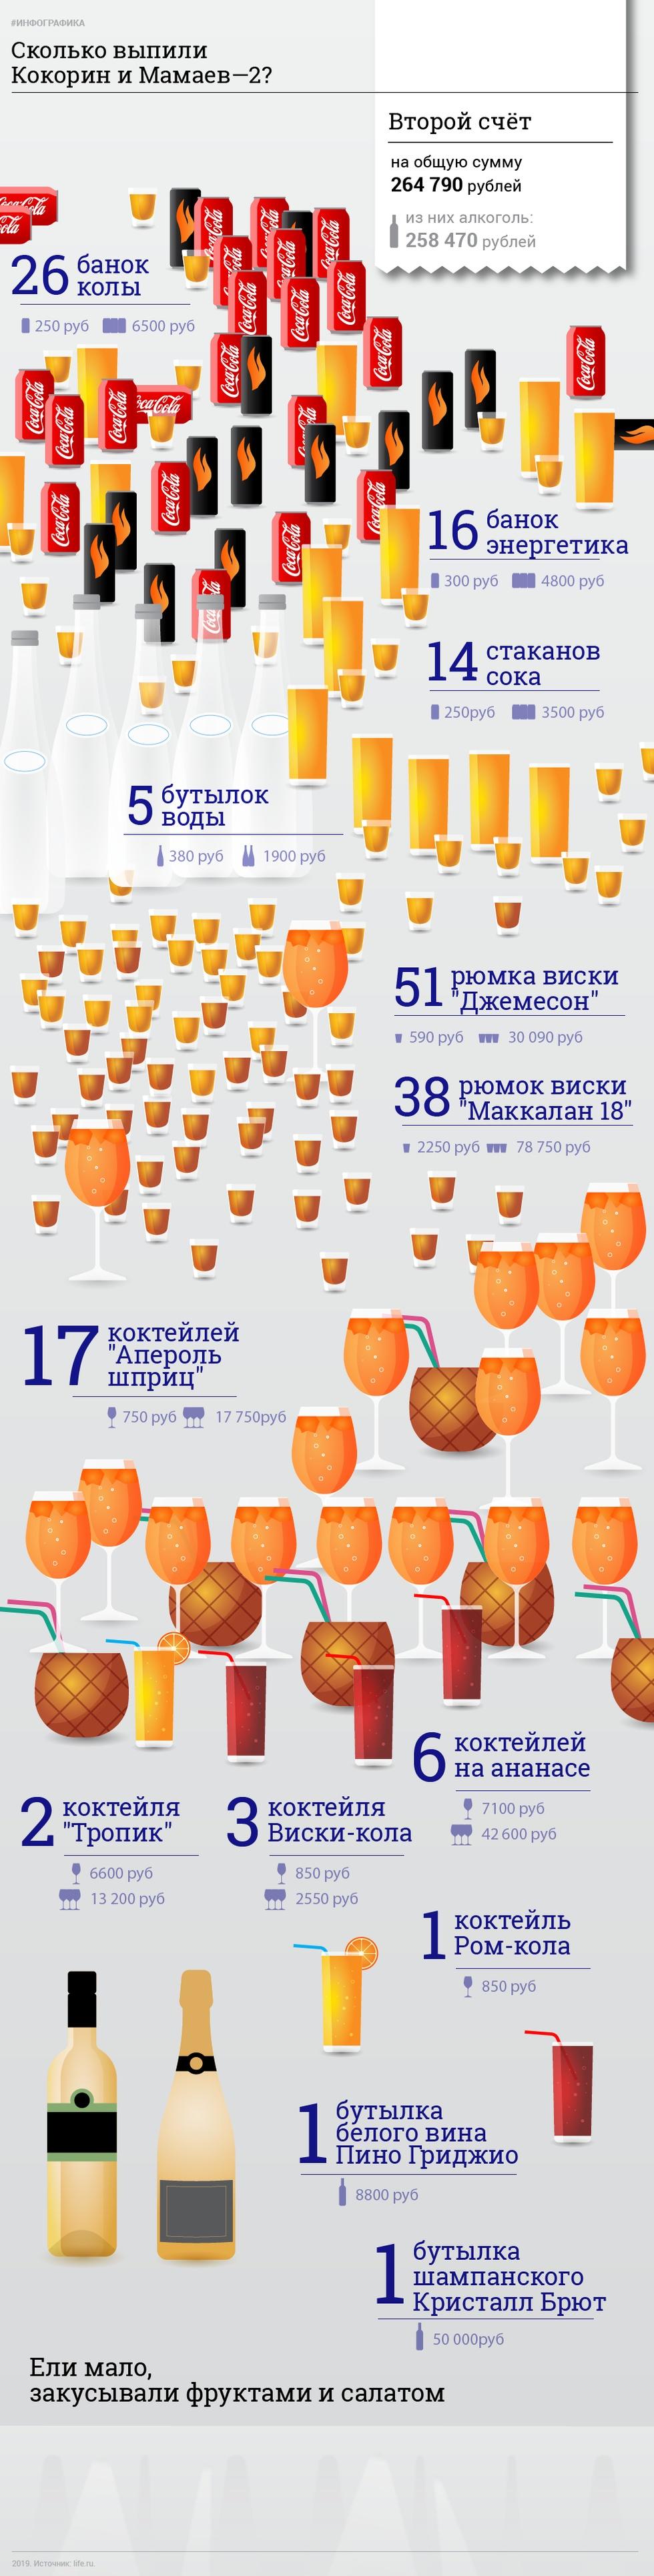 Сколько выпила компания футболистов Александра Кокорина и Павла Мамаева в ночь нападения (2 картинки)